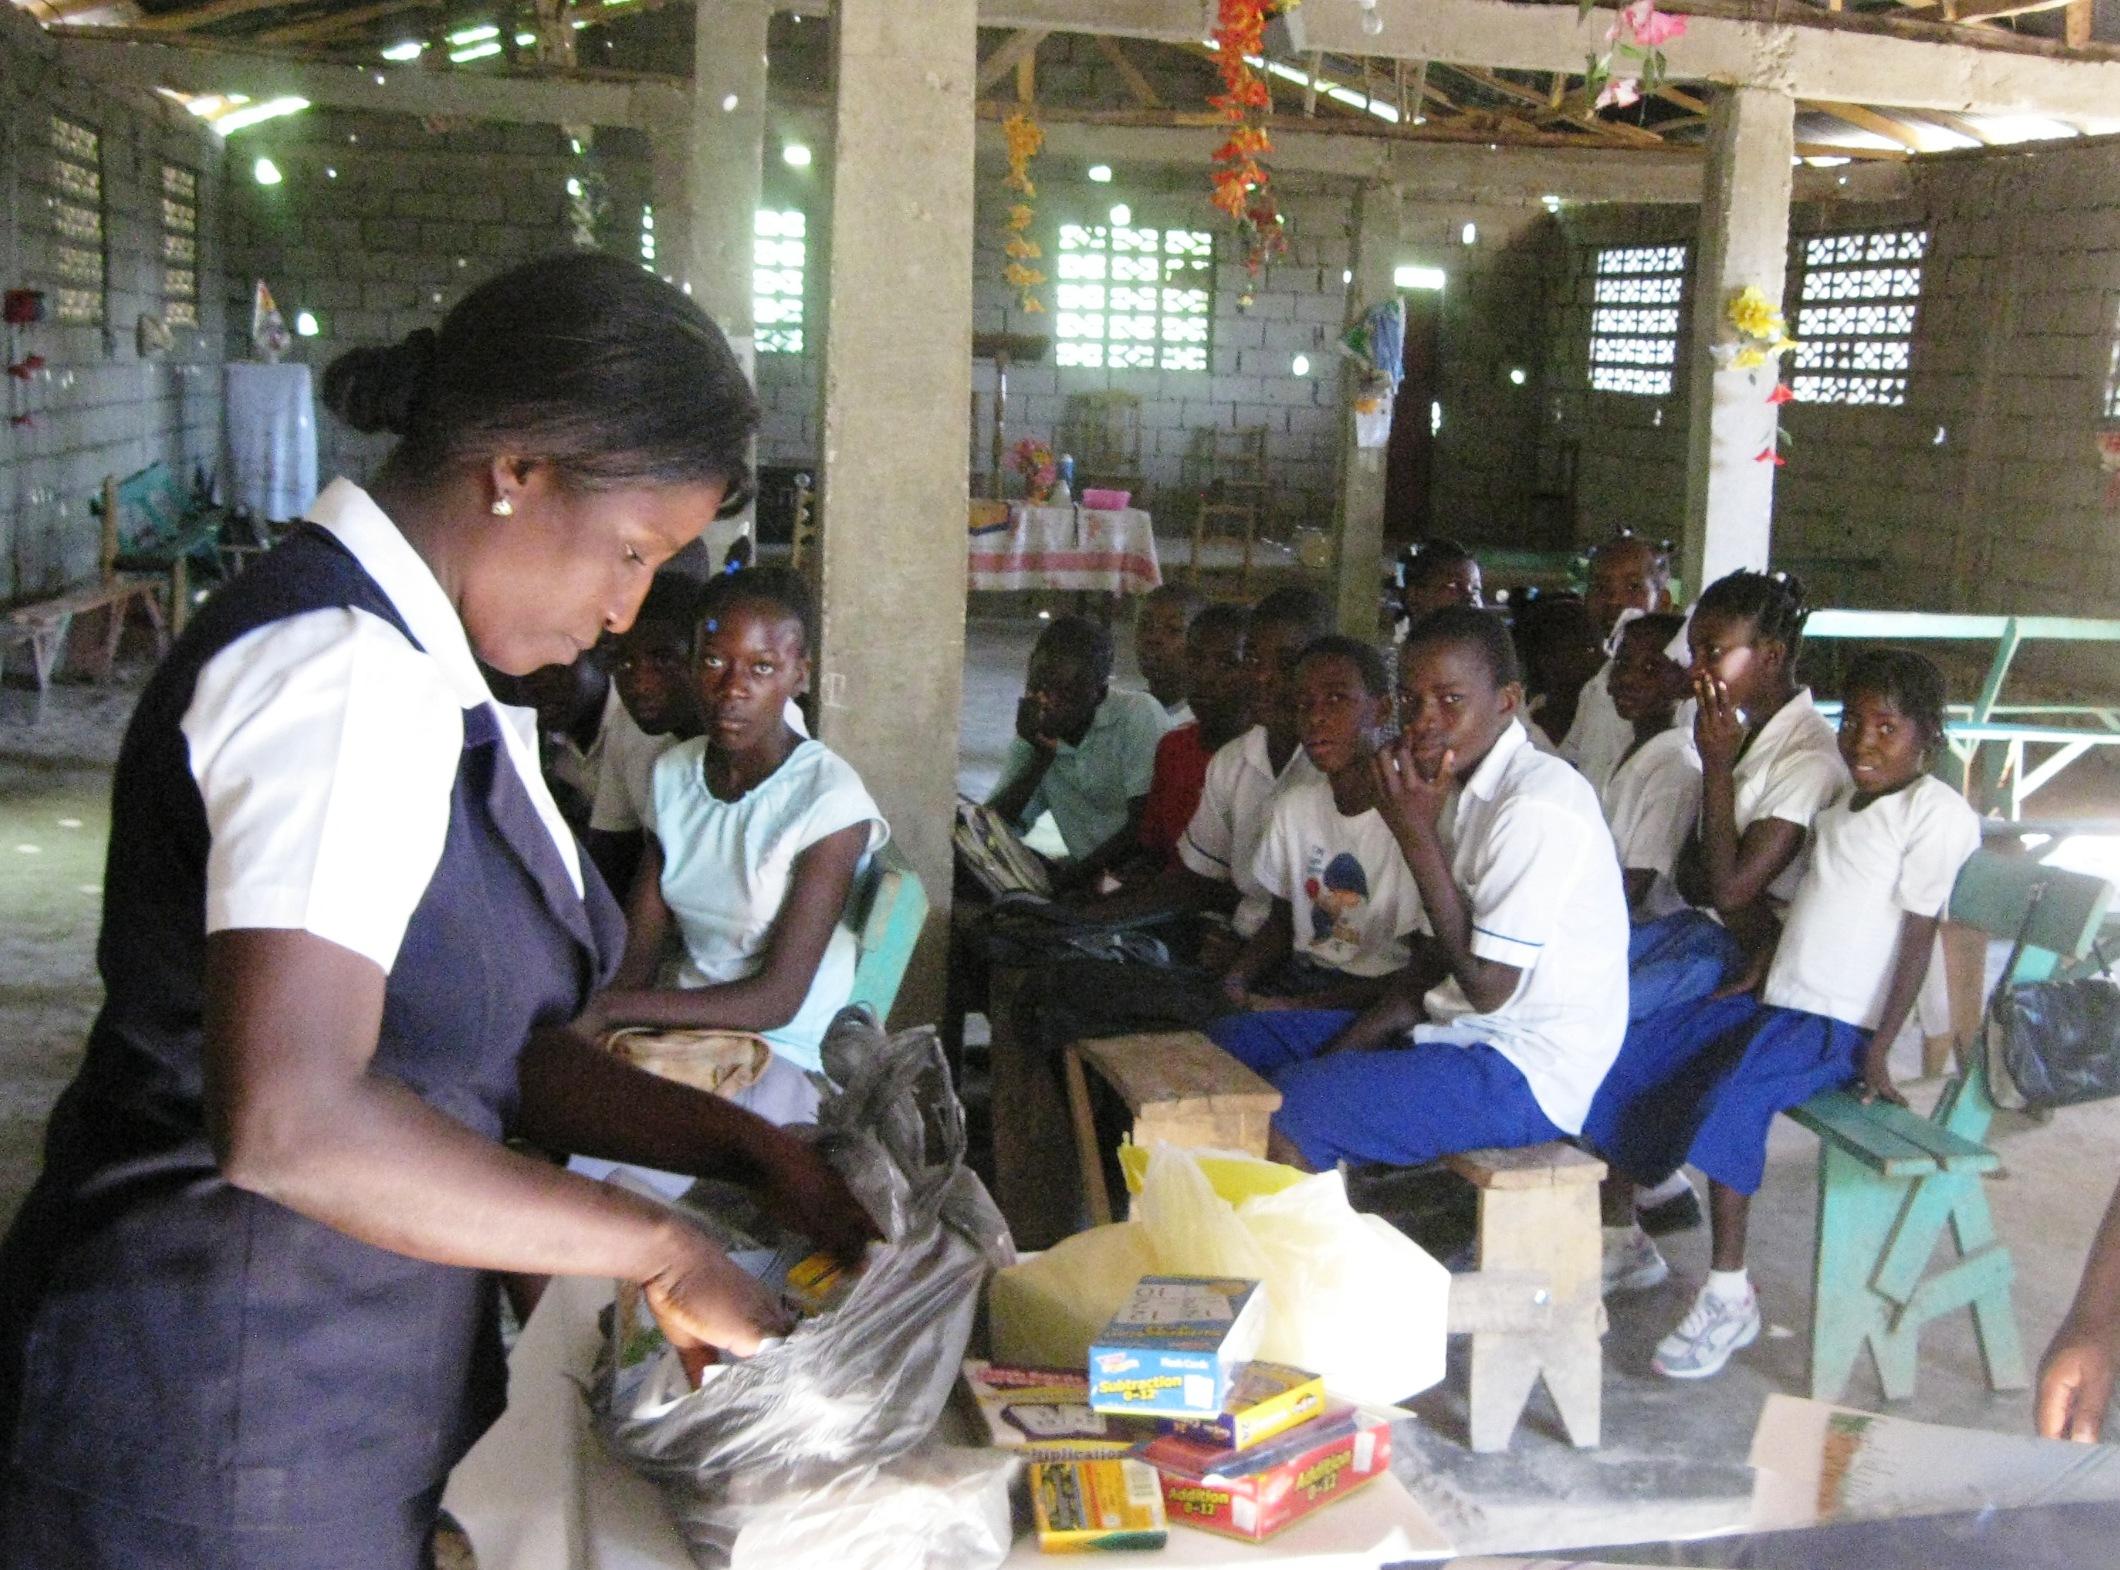 Kettelie handing out school supplies